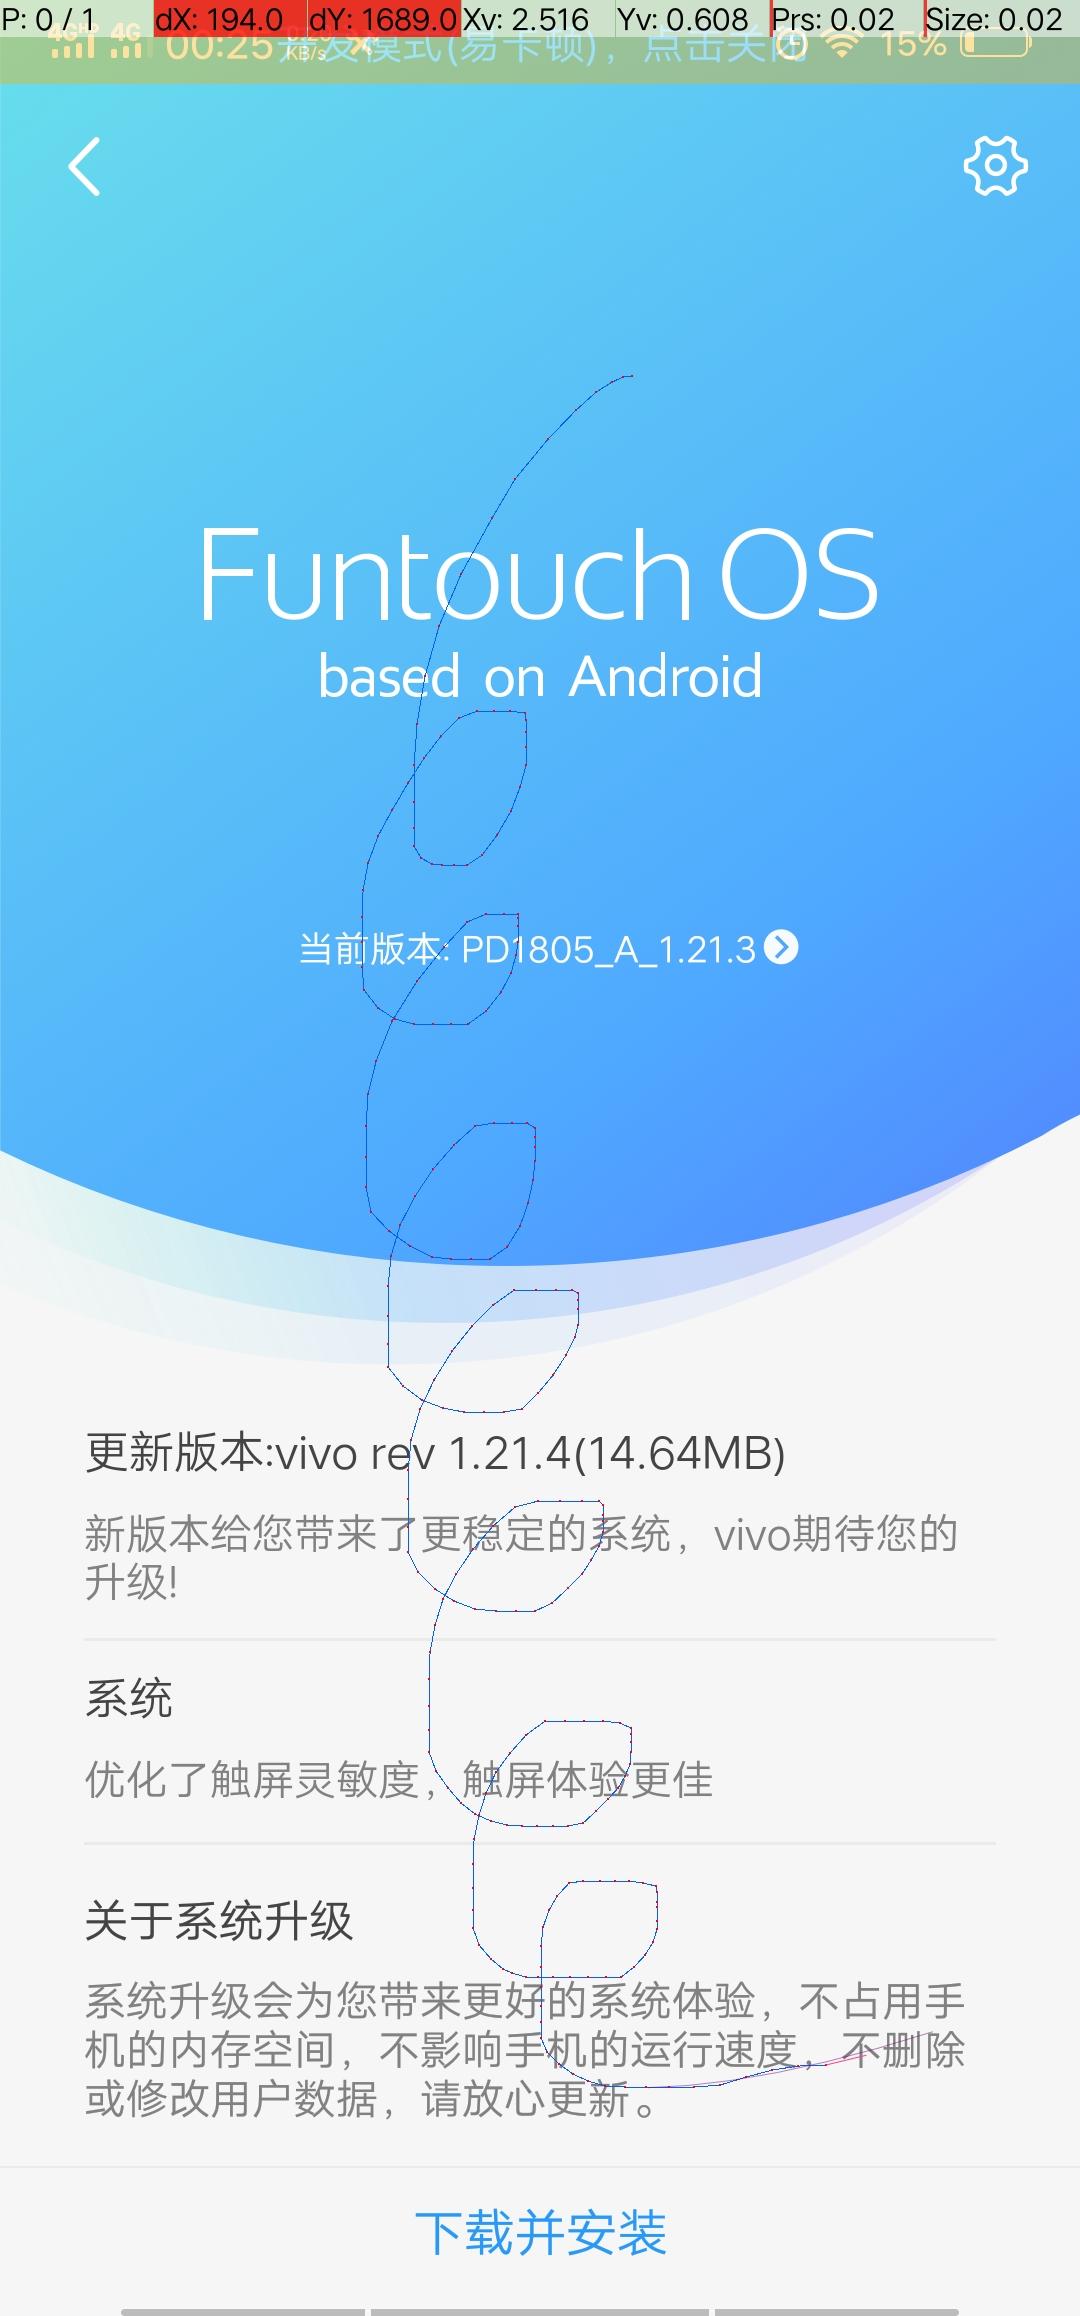 Screenshot_20181110_002511.jpg